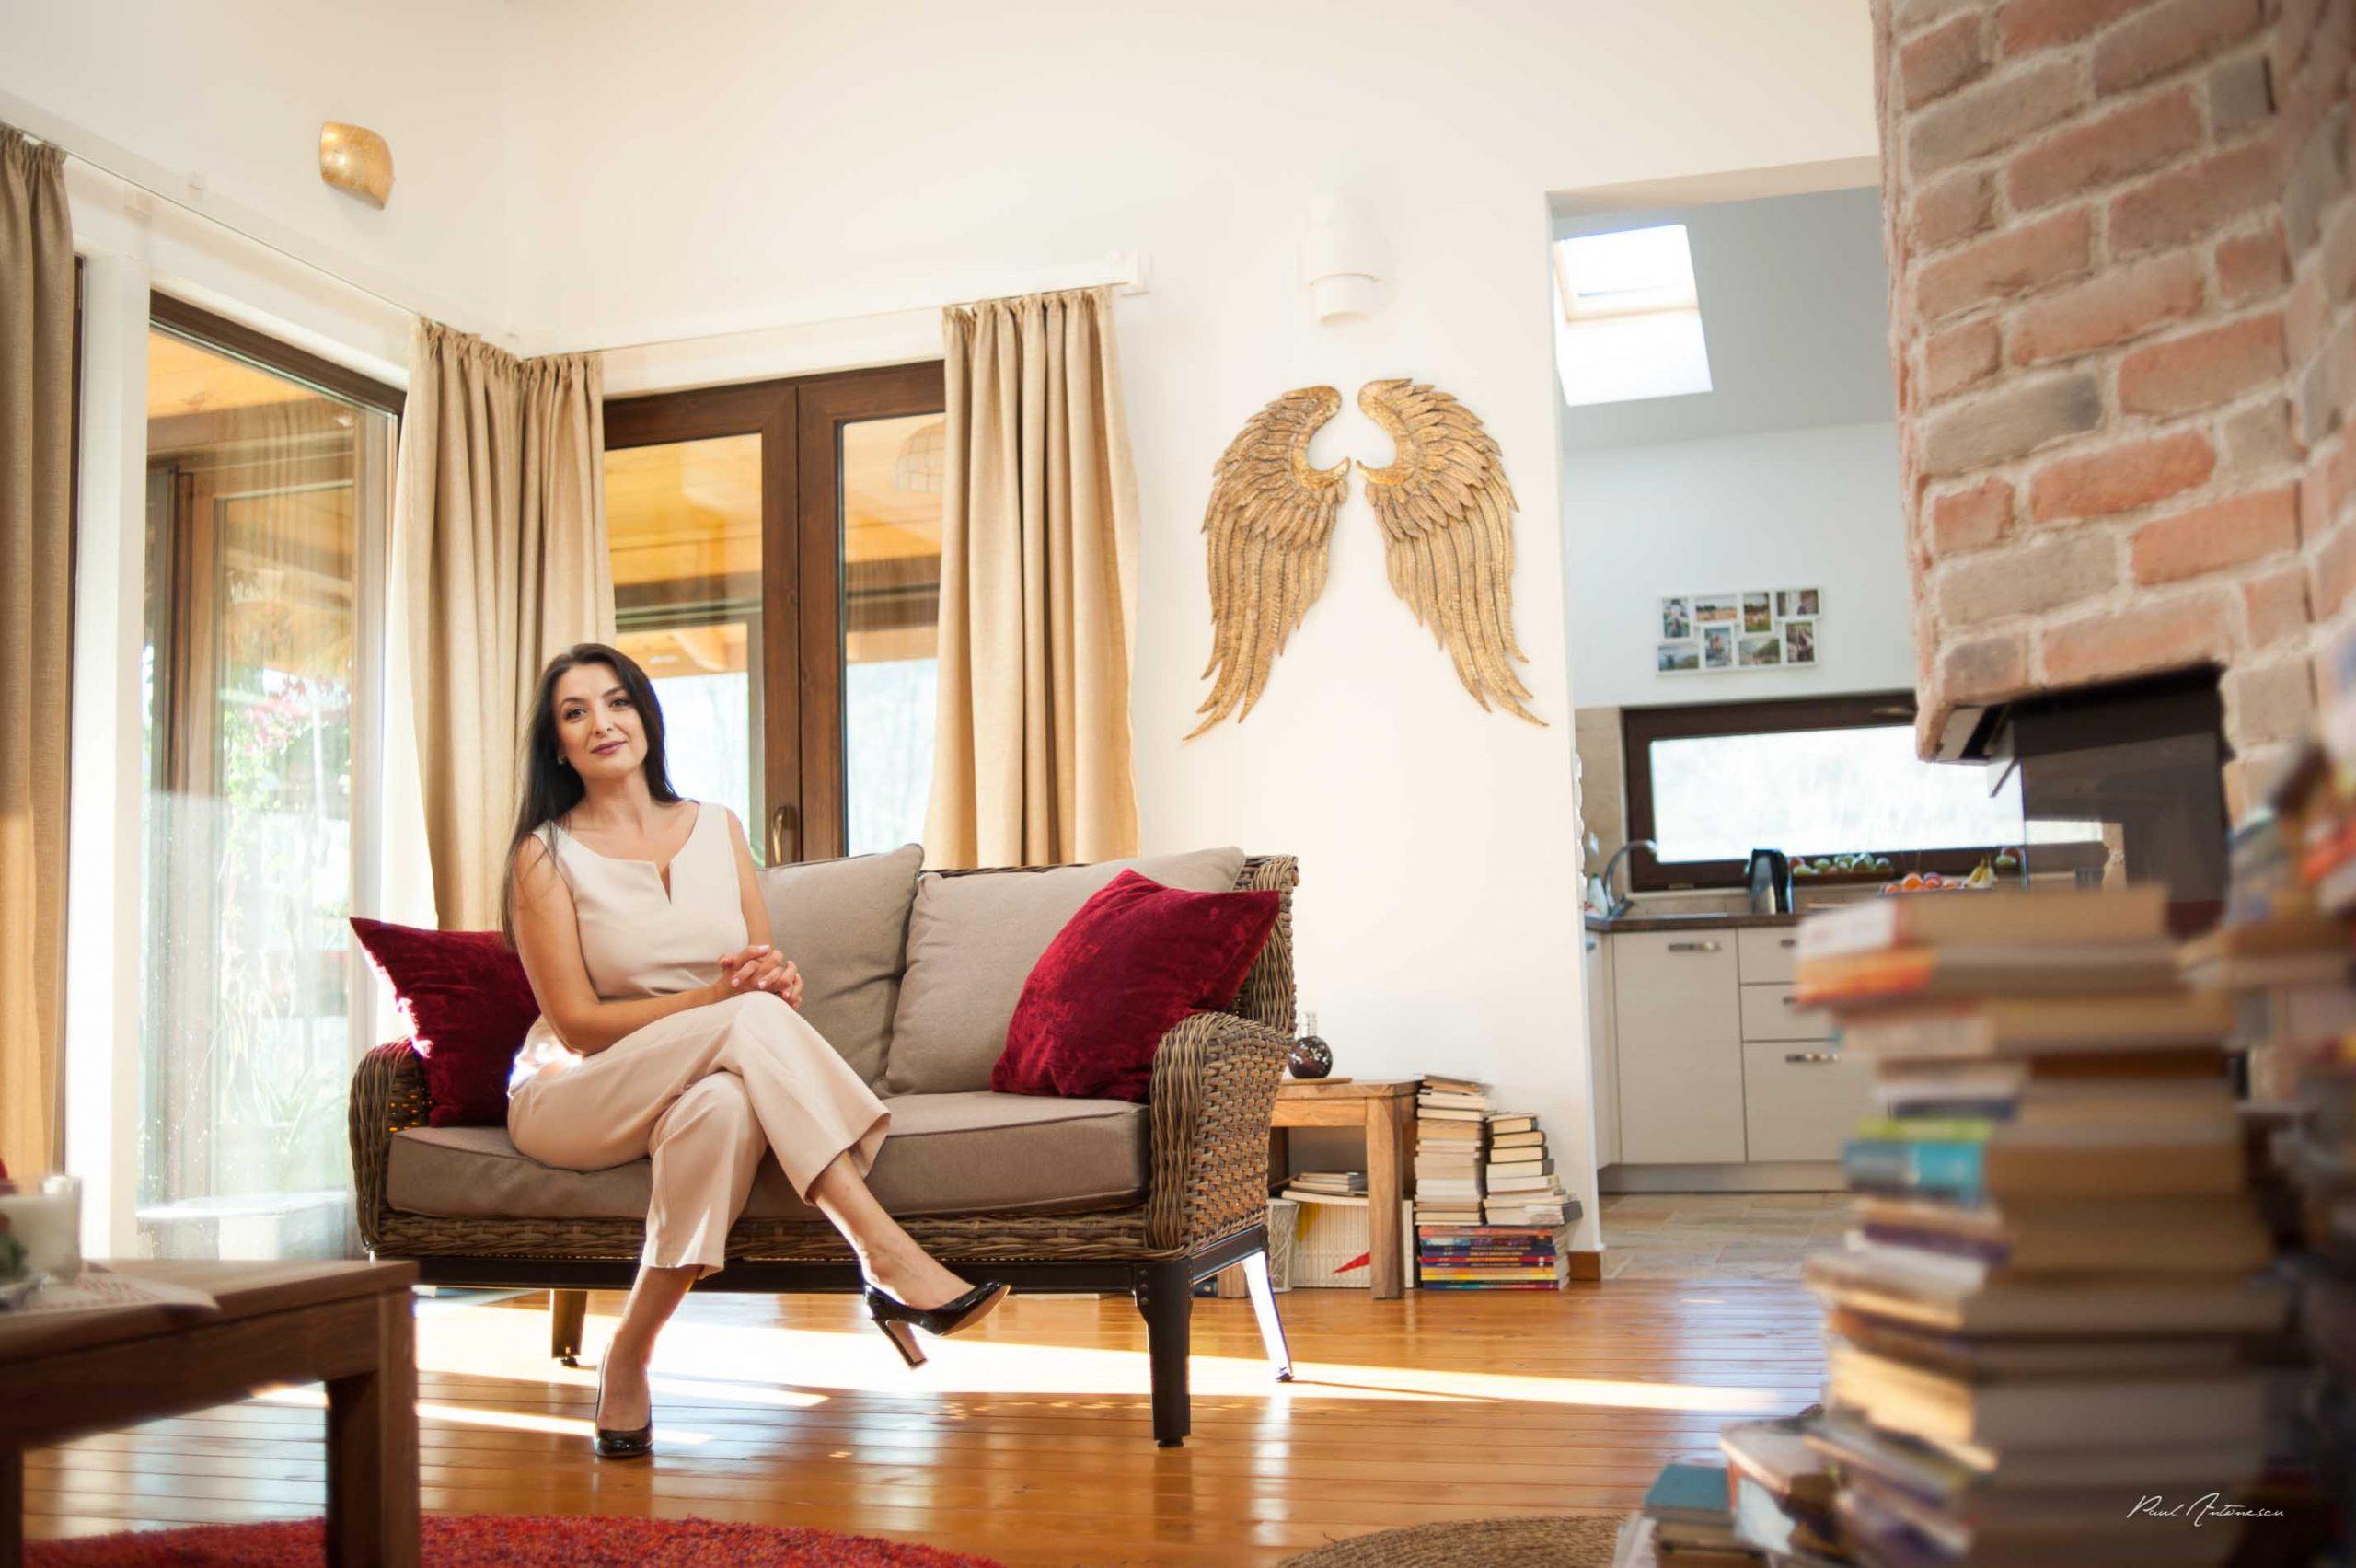 O doamna eleganta, cu par lung, negru, imbracata in culori deschise, fotografiata in casa, pe o canapea, cu lumina naturala.